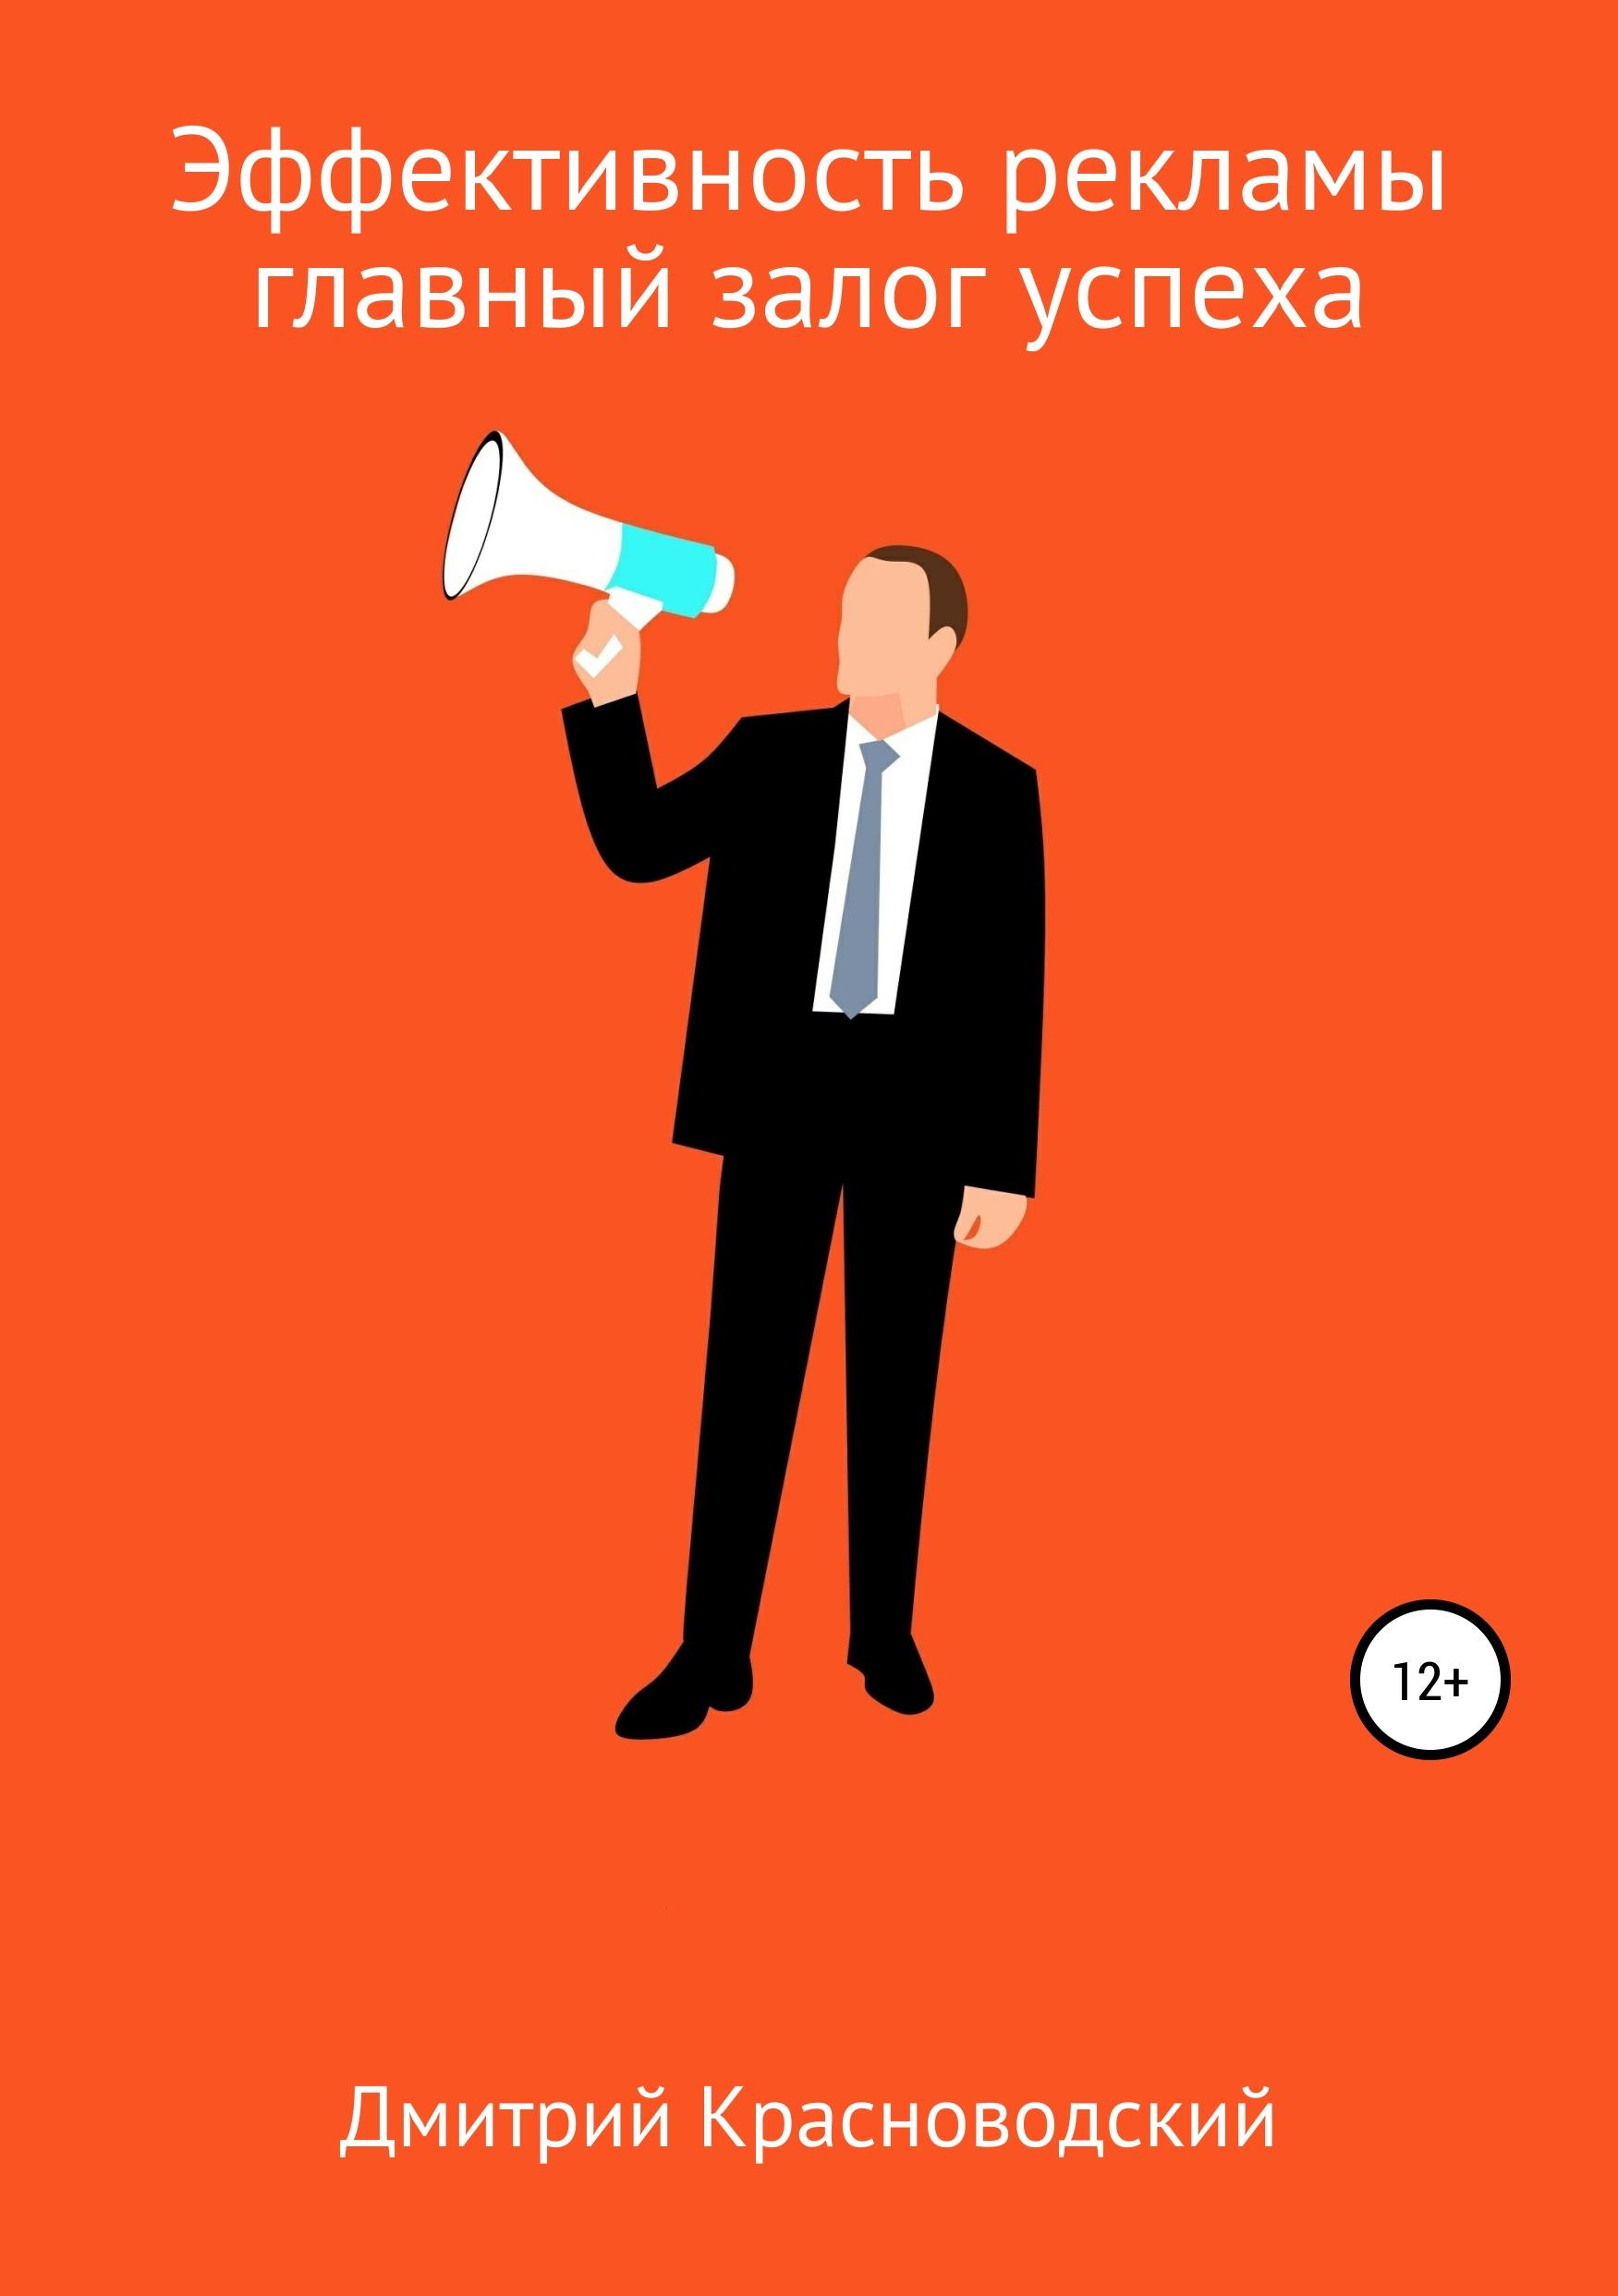 Дмитрий Сергеевич Красноводский Эффективность рекламы – главный залог успеха кристина львова женский бизнес финансовая свобода как залог успеха